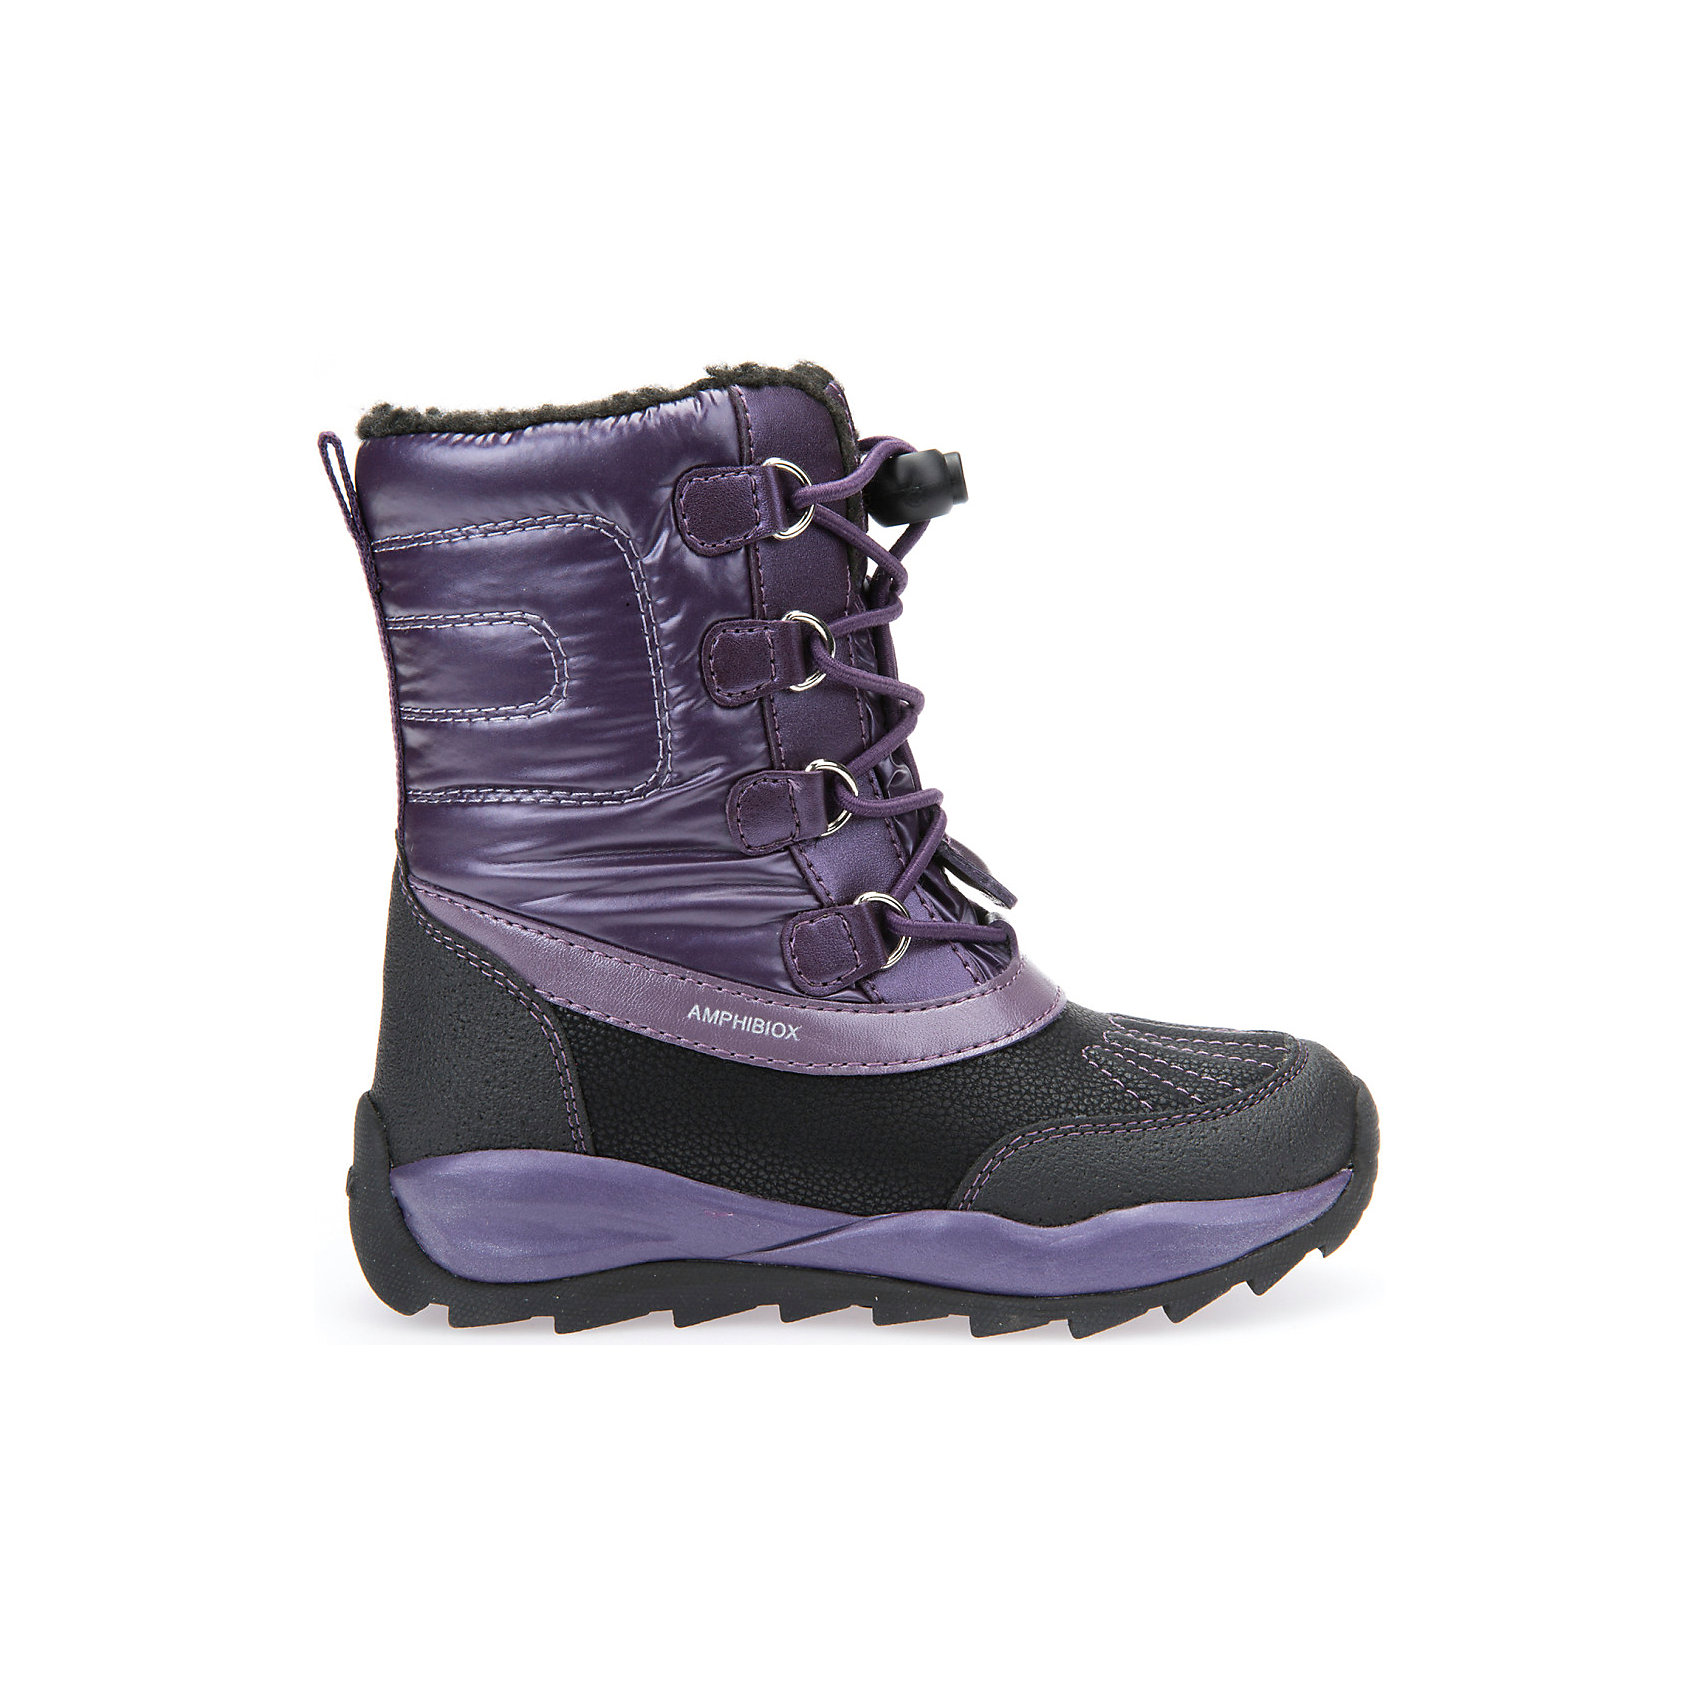 Сноубутсы для девочки GeoxСапоги<br>Полусапожки для девочки GEOX (ГЕОКС)<br>Полусапожки для девочки от GEOX (ГЕОКС) идеально подходят для холодной погоды. Они выполнены из сочетания искусственной кожи и текстиля, имеют подкладку из искусственного меха, текстильную стельку. Тип застежки: шнуровка. Влага не застаивается в обуви, благодаря чему создается идеальный микроклимат, который держит ноги теплыми и сухими, и позволяет им дышать естественно. Колодка соответствует анатомическим особенностям строения детской стопы. Качественная амортизация снижает нагрузку на суставы. Запатентованная гибкая перфорированная подошва со специальной микропористой мембраной обеспечивает естественное дыхание обуви, не пропускает воду, не скользит. Модель имеет усиленный мыс и пятку. <br><br>Дополнительная информация:<br><br>- Сезон: зима<br>- Цвет: фиолетовый, черный<br>- Материал верха: искусственная кожа, текстиль<br>- Внутренний материал: искусственный мех<br>- Материал стельки: текстиль<br>- Материал подошвы: резина<br>- Тип застежки: шнуровка<br>- Высота голенища/задника: 14 см.<br>- Детали обуви: контрастная отстрочка<br>- Высота платформы: 1 см.<br>- Высота подошвы: 3 см.<br>- Технология Amphibiox<br>- Материалы и продукция прошли специальную проверку T?V S?D, на отсутствие веществ, опасных для здоровья покупателей<br><br>Полусапожки для девочки GEOX (ГЕОКС) можно купить в нашем интернет-магазине.<br><br>Ширина мм: 257<br>Глубина мм: 180<br>Высота мм: 130<br>Вес г: 420<br>Цвет: фиолетовый<br>Возраст от месяцев: 60<br>Возраст до месяцев: 72<br>Пол: Женский<br>Возраст: Детский<br>Размер: 29,26,30,31,32,33,34,28,27<br>SKU: 4812493